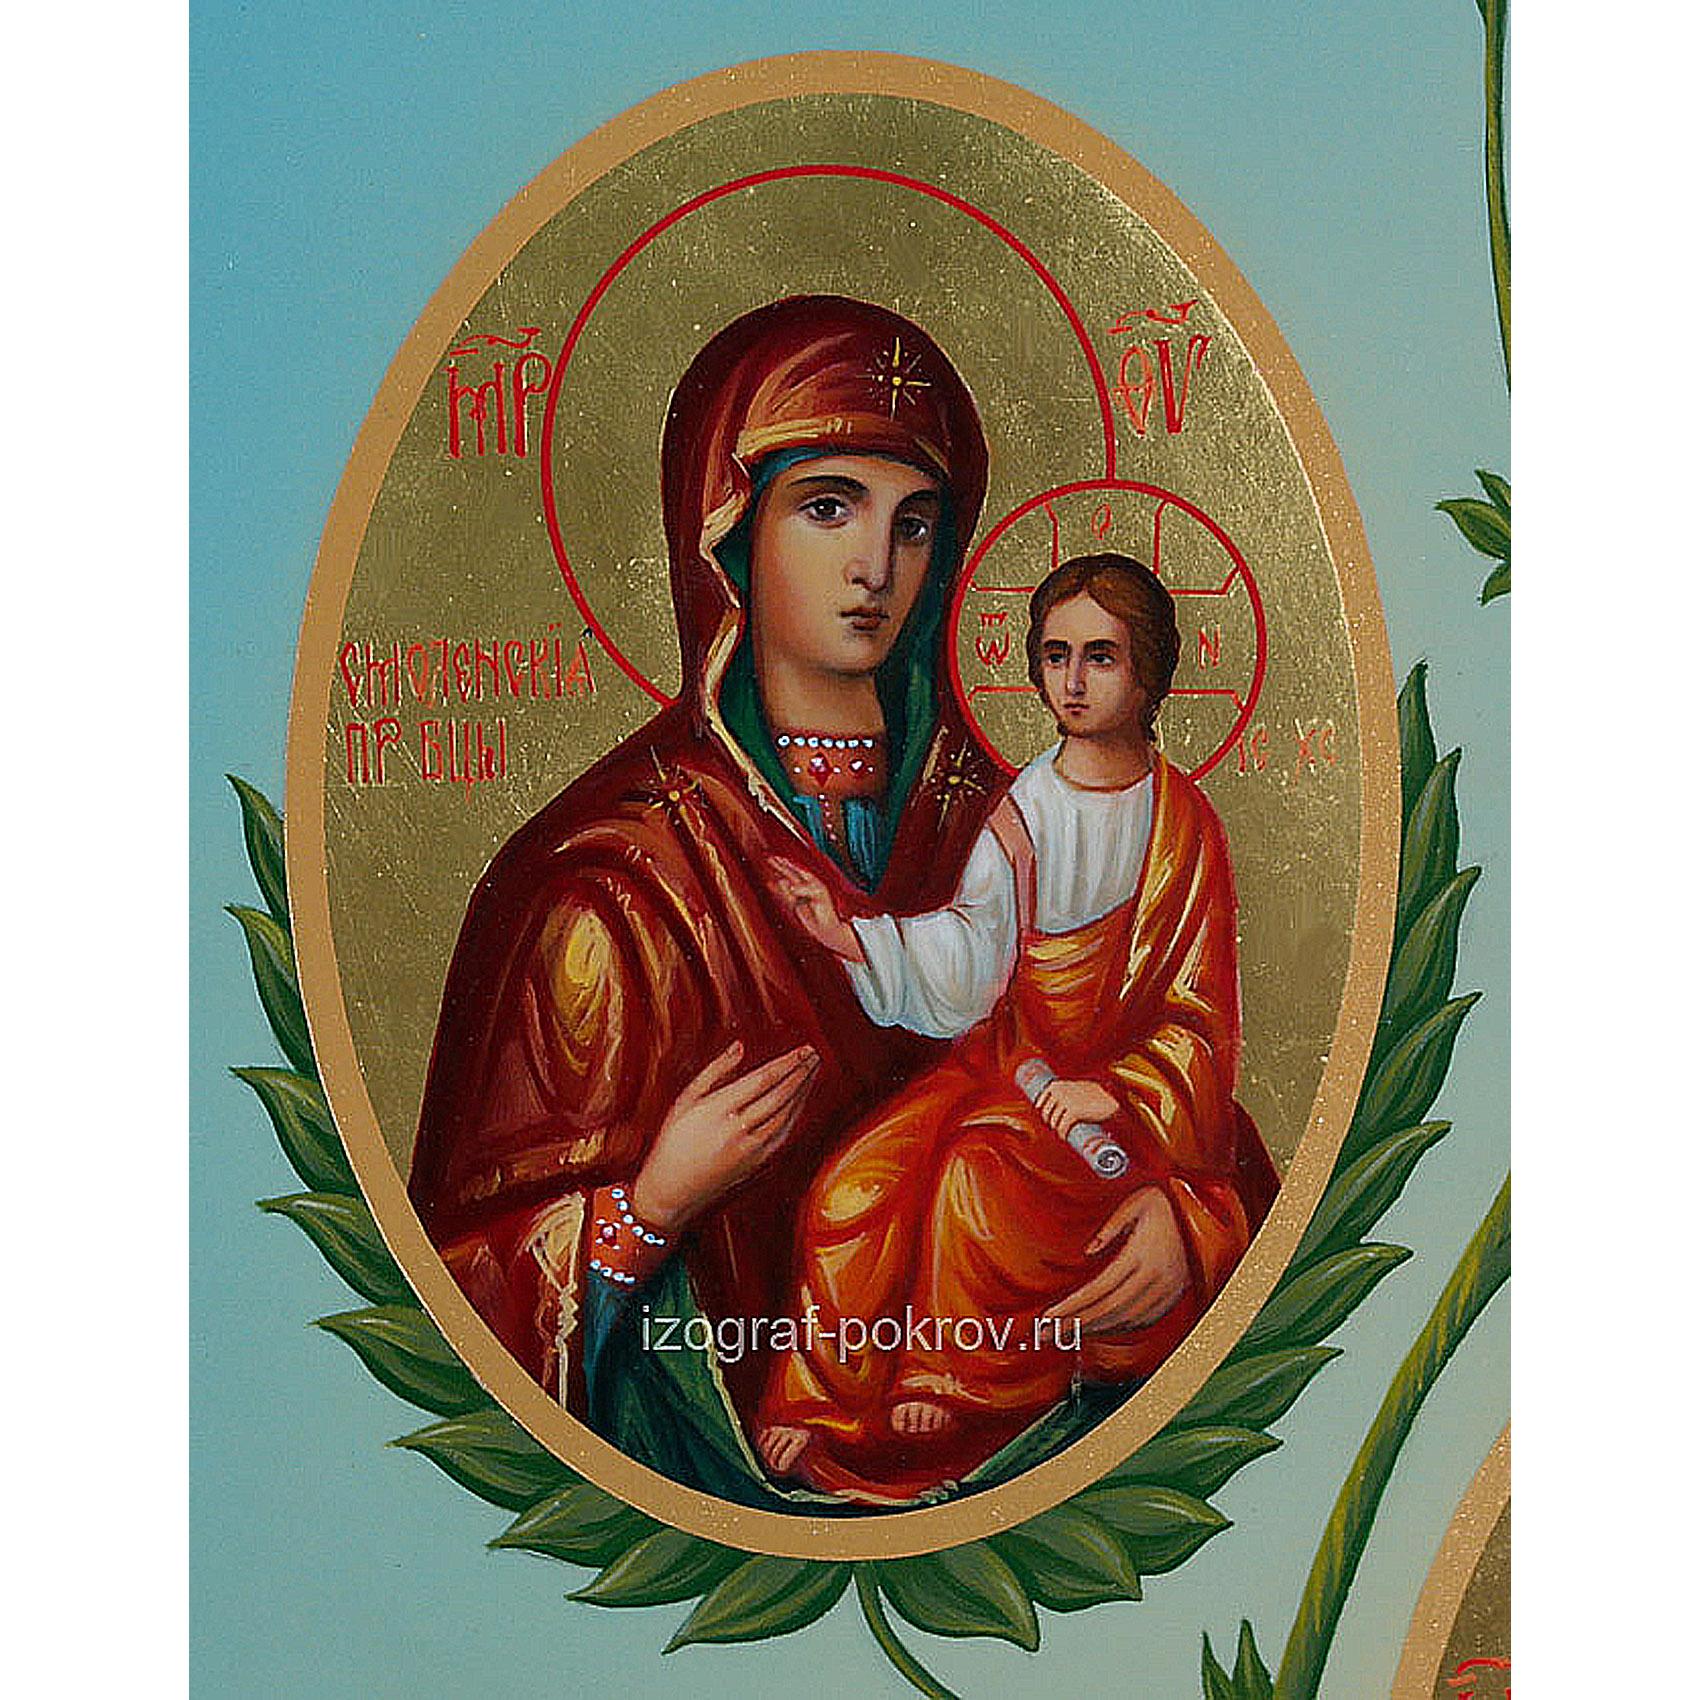 Икона Богородица Смоленская (фрагмент с иконы Горний Иерусалим) чем помогает значение